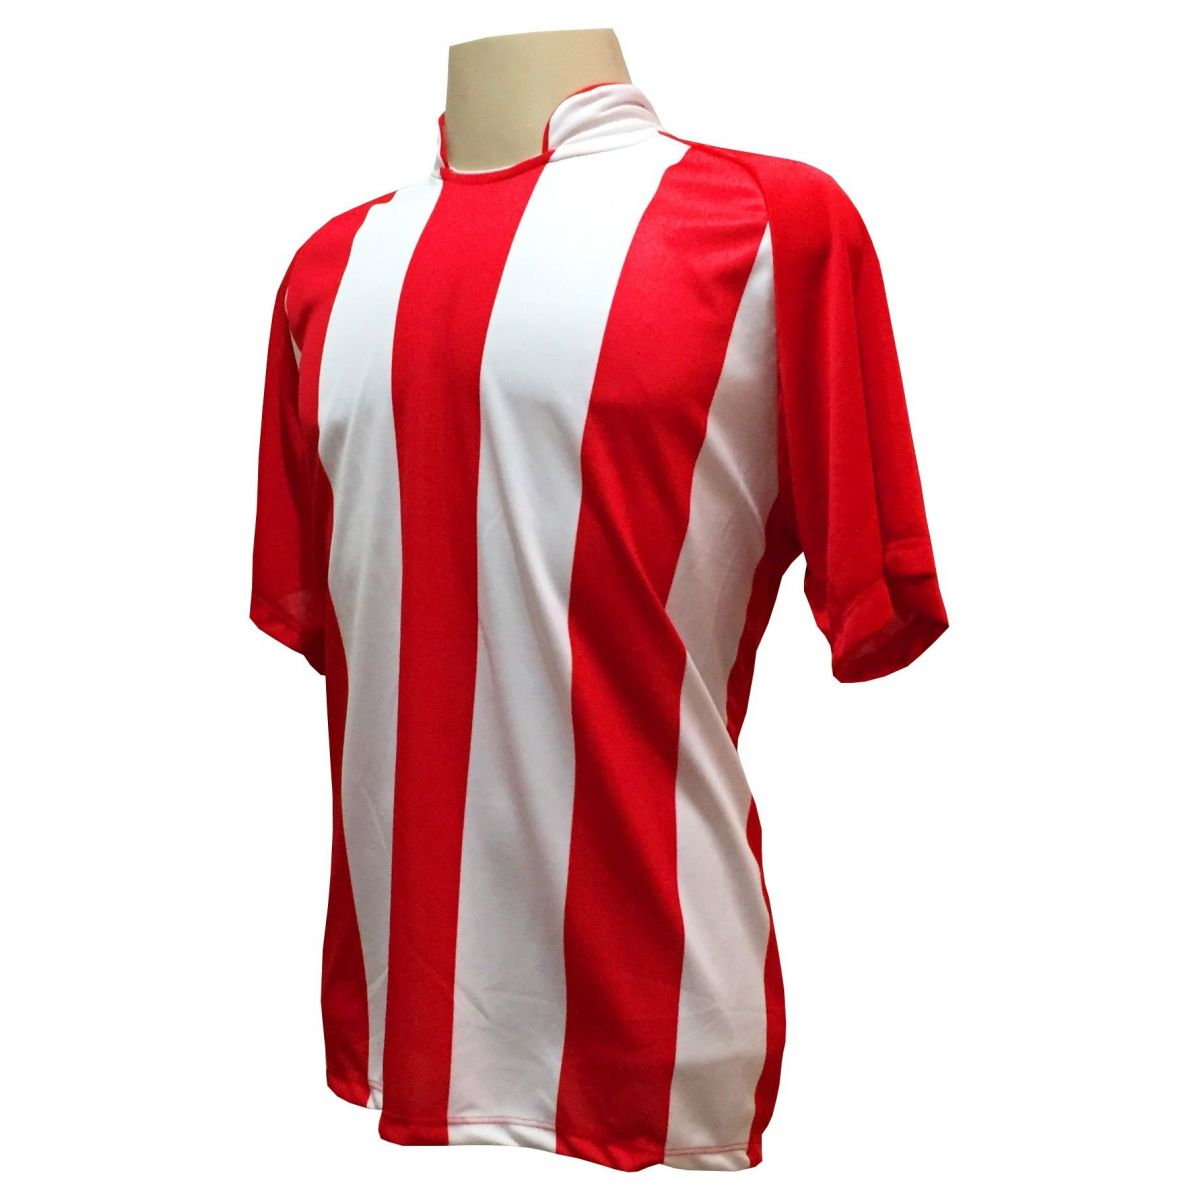 Fardamento Completo Modelo Milan 12+1 (12 Camisas Vermelho/Branco + 12 Calções Vermelho/Branco + 12 Pares de Meiões Brancos + 1 Conjunto de Goleiro) + Brindes